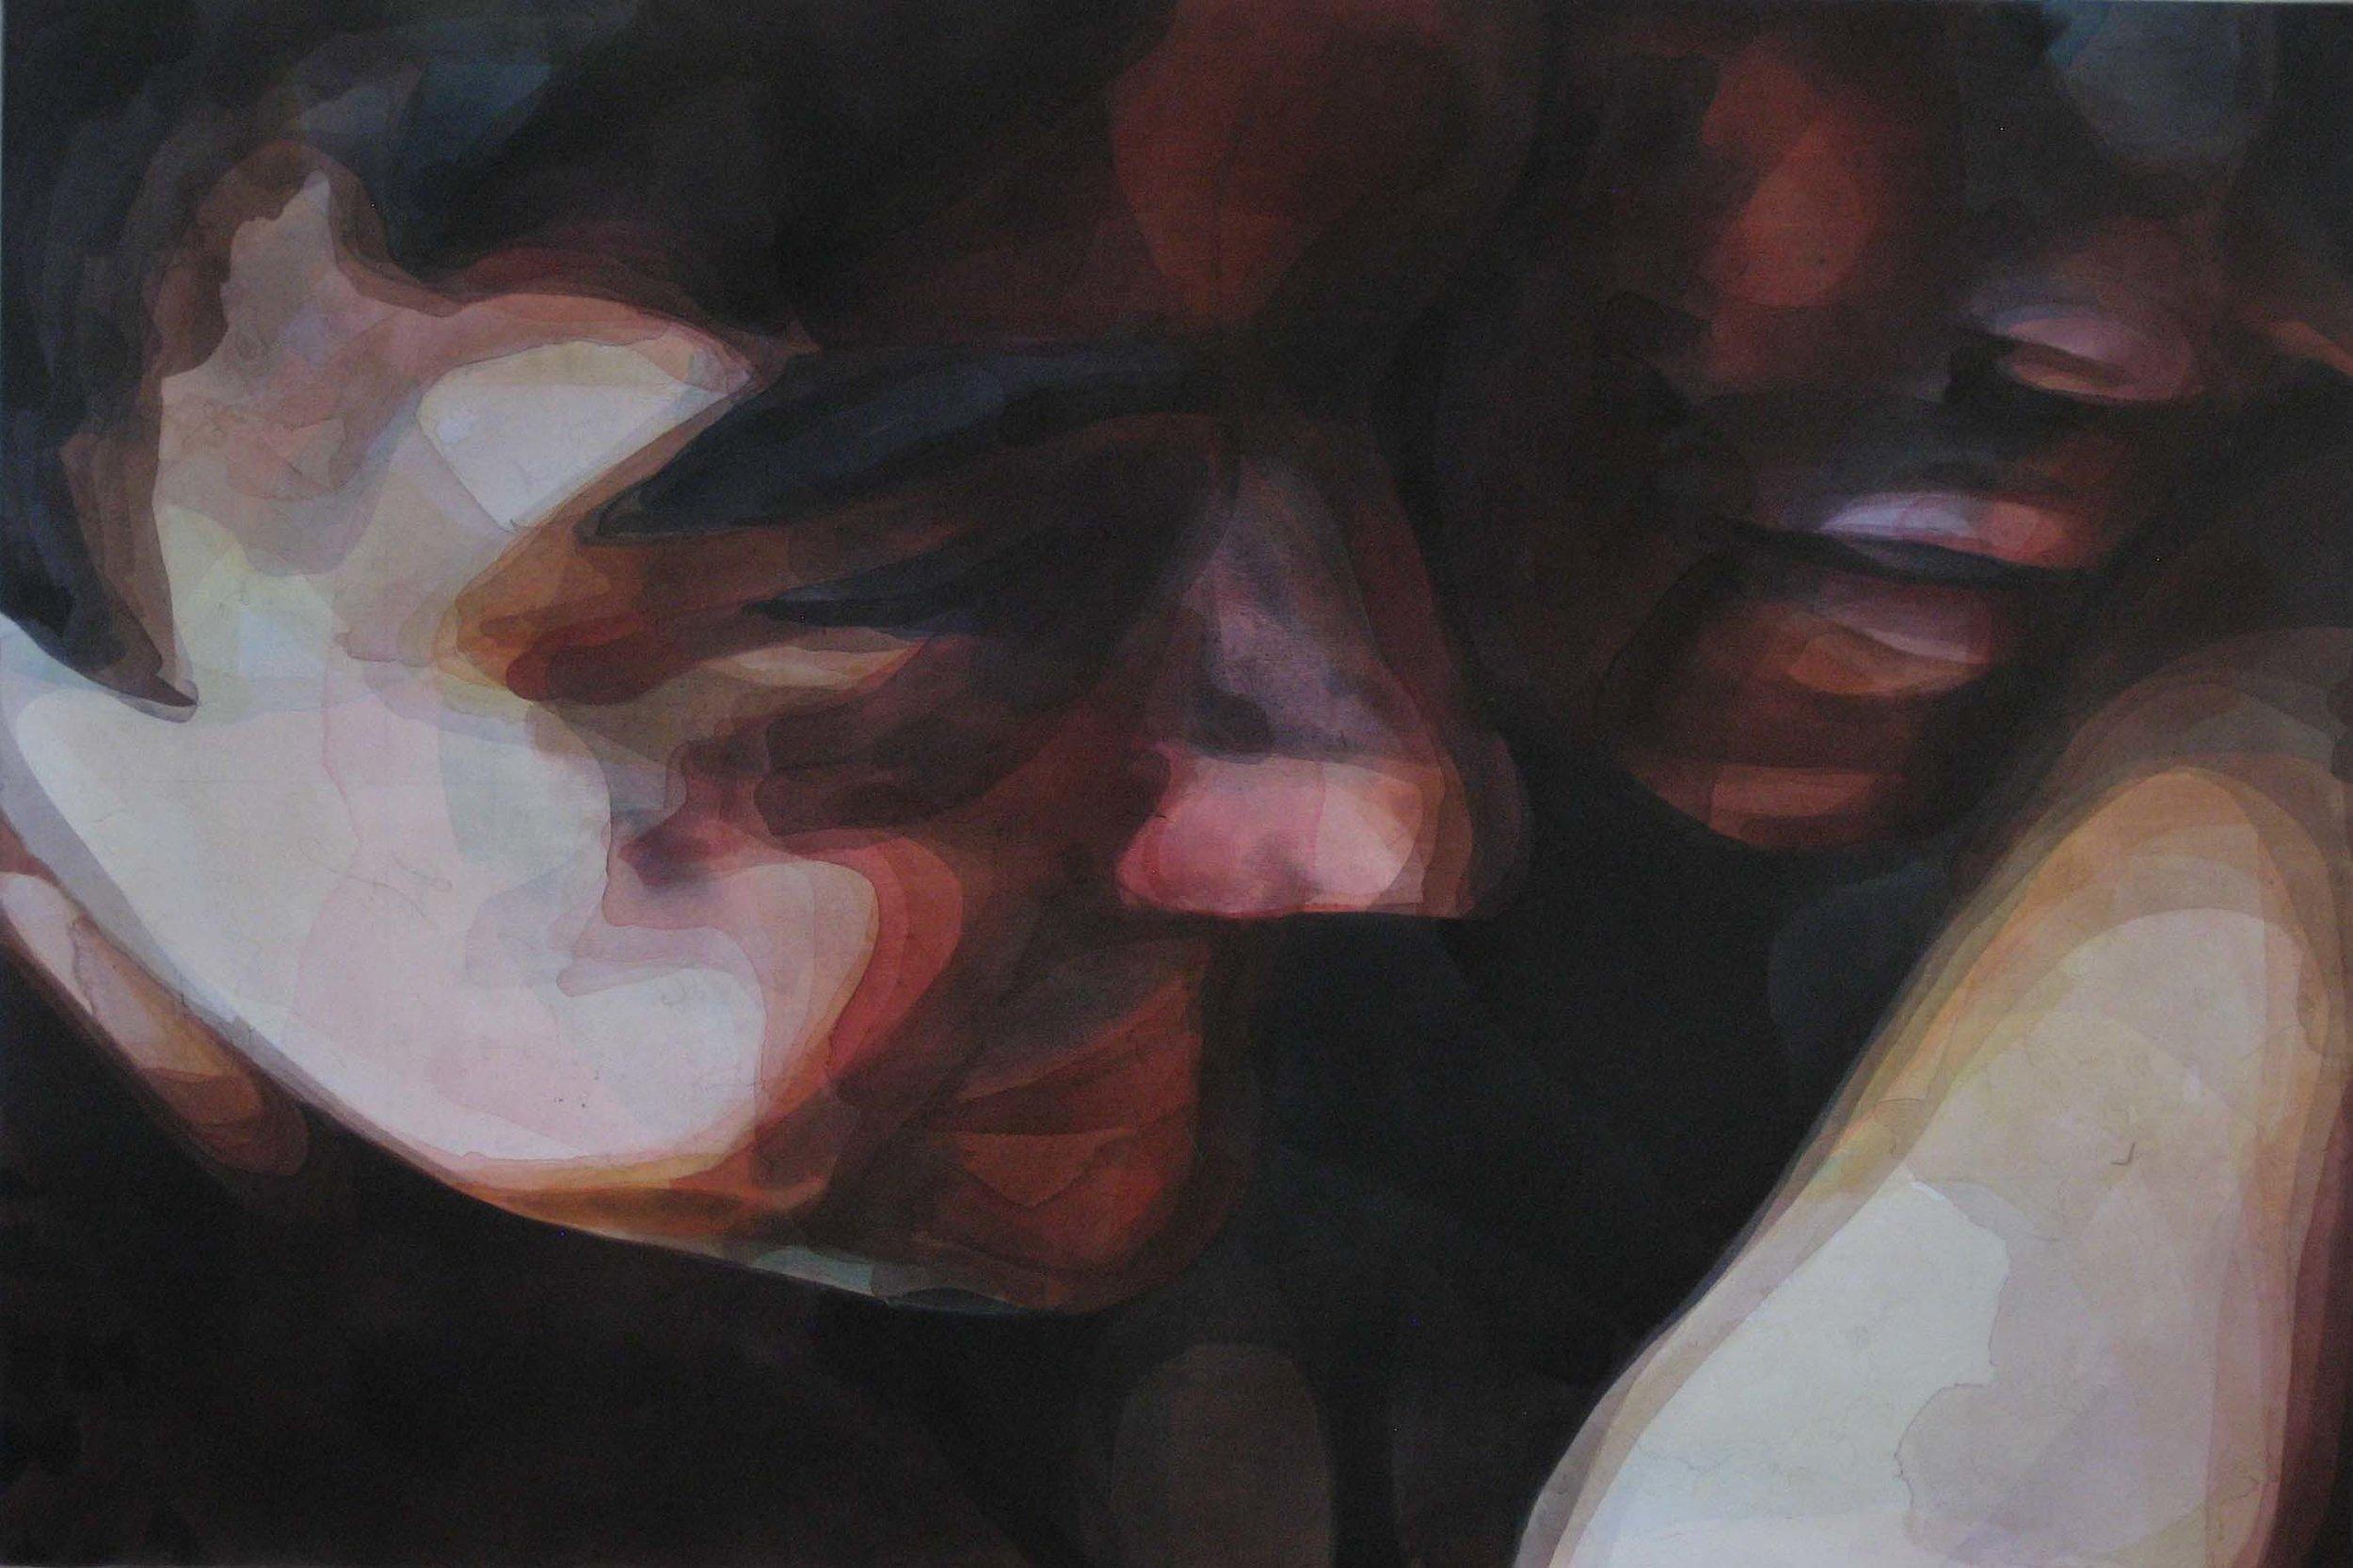 Raphaelle & Chris / 48 x 72 in / acrylic on canvas